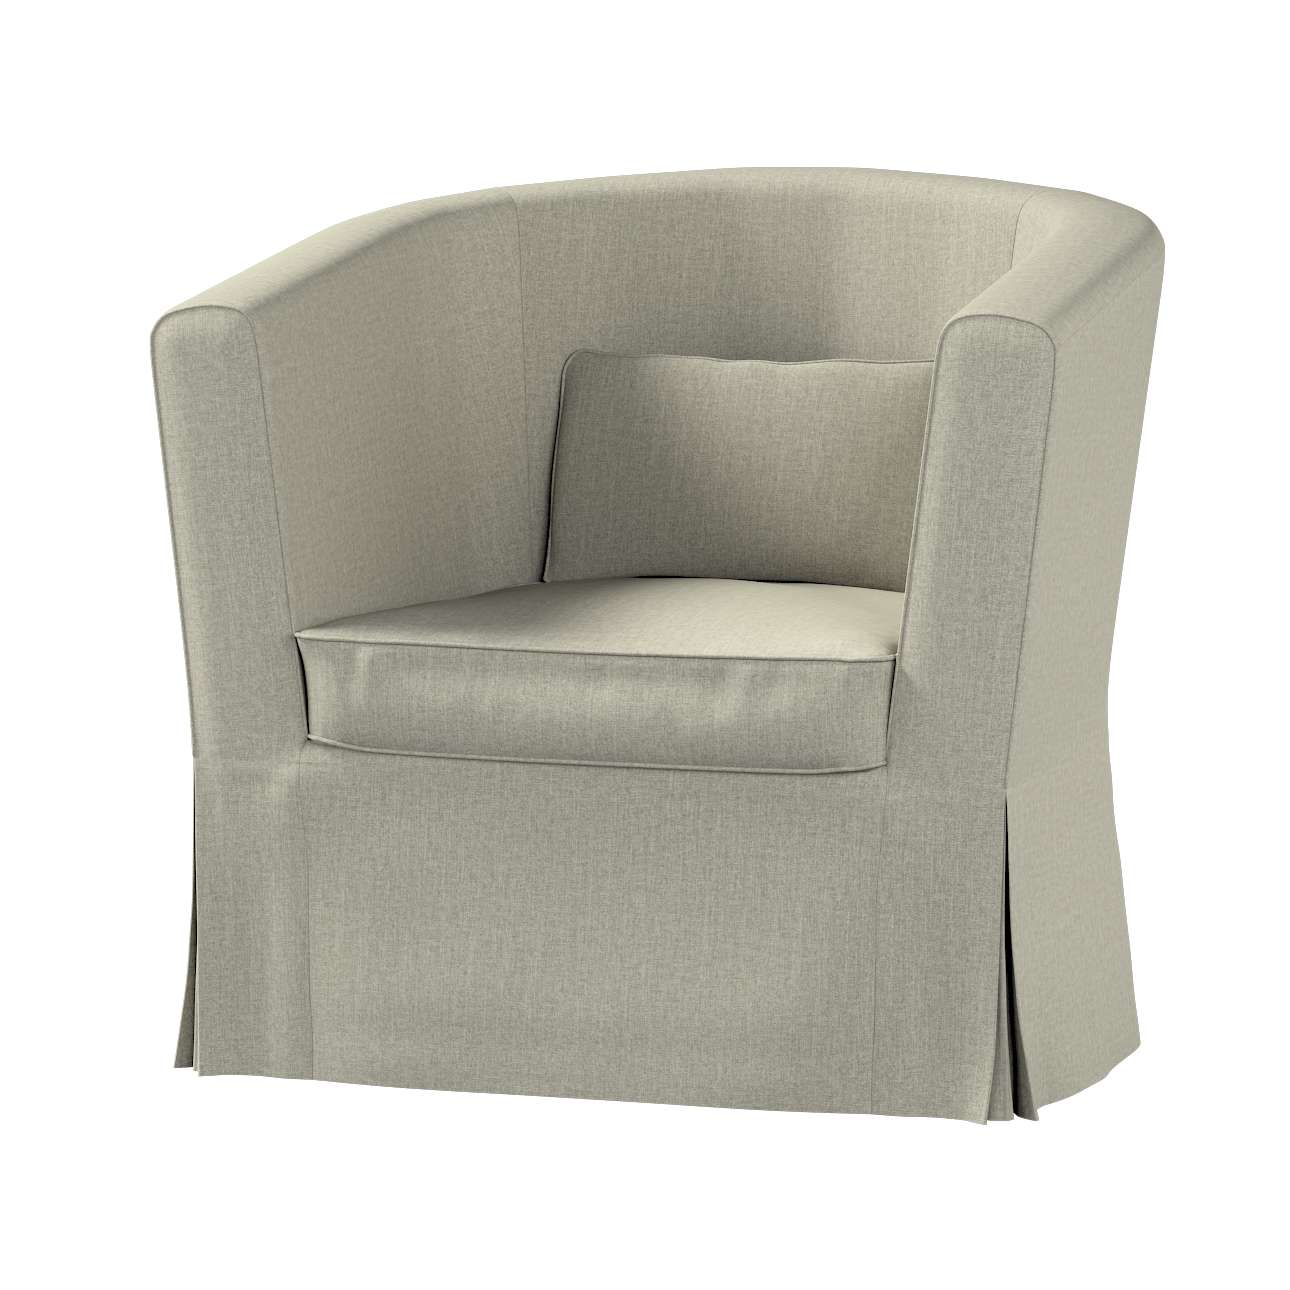 Pokrowiec na fotel Ektorp Tullsta w kolekcji City, tkanina: 704-80